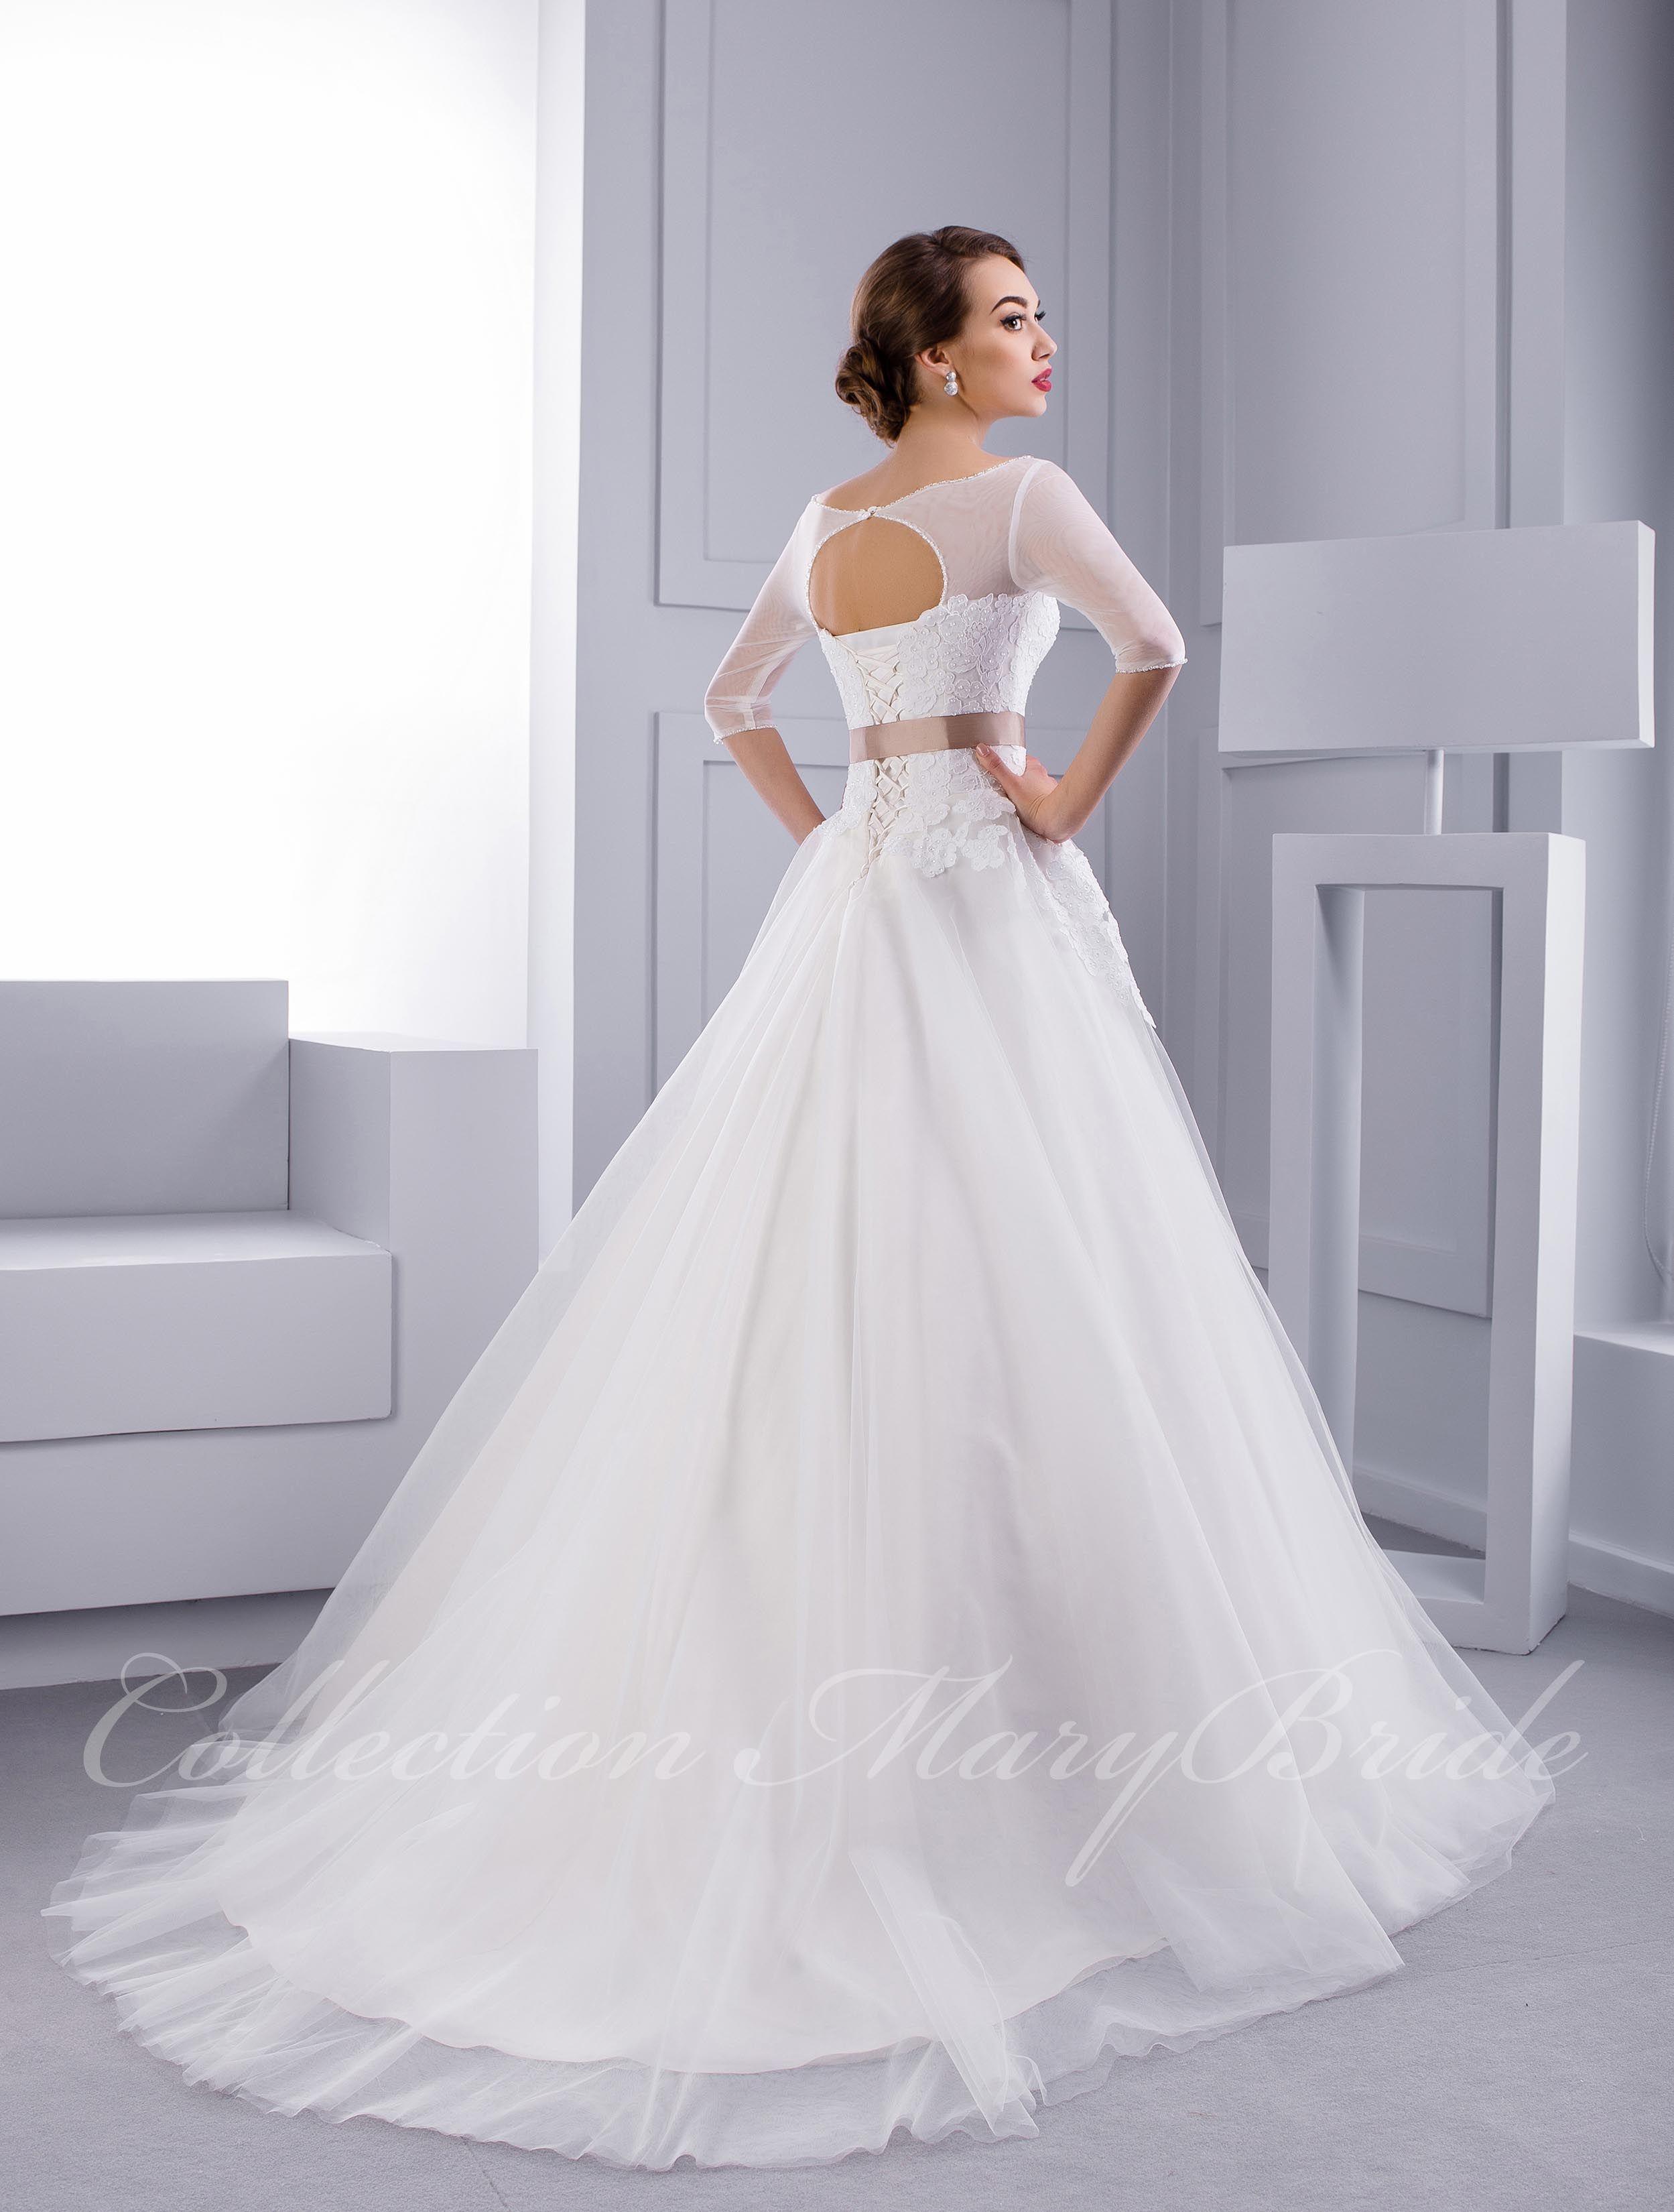 Be A Princess Pujcovna Bile Svatebni Saty Mary Bride S 3 4 Rukavy